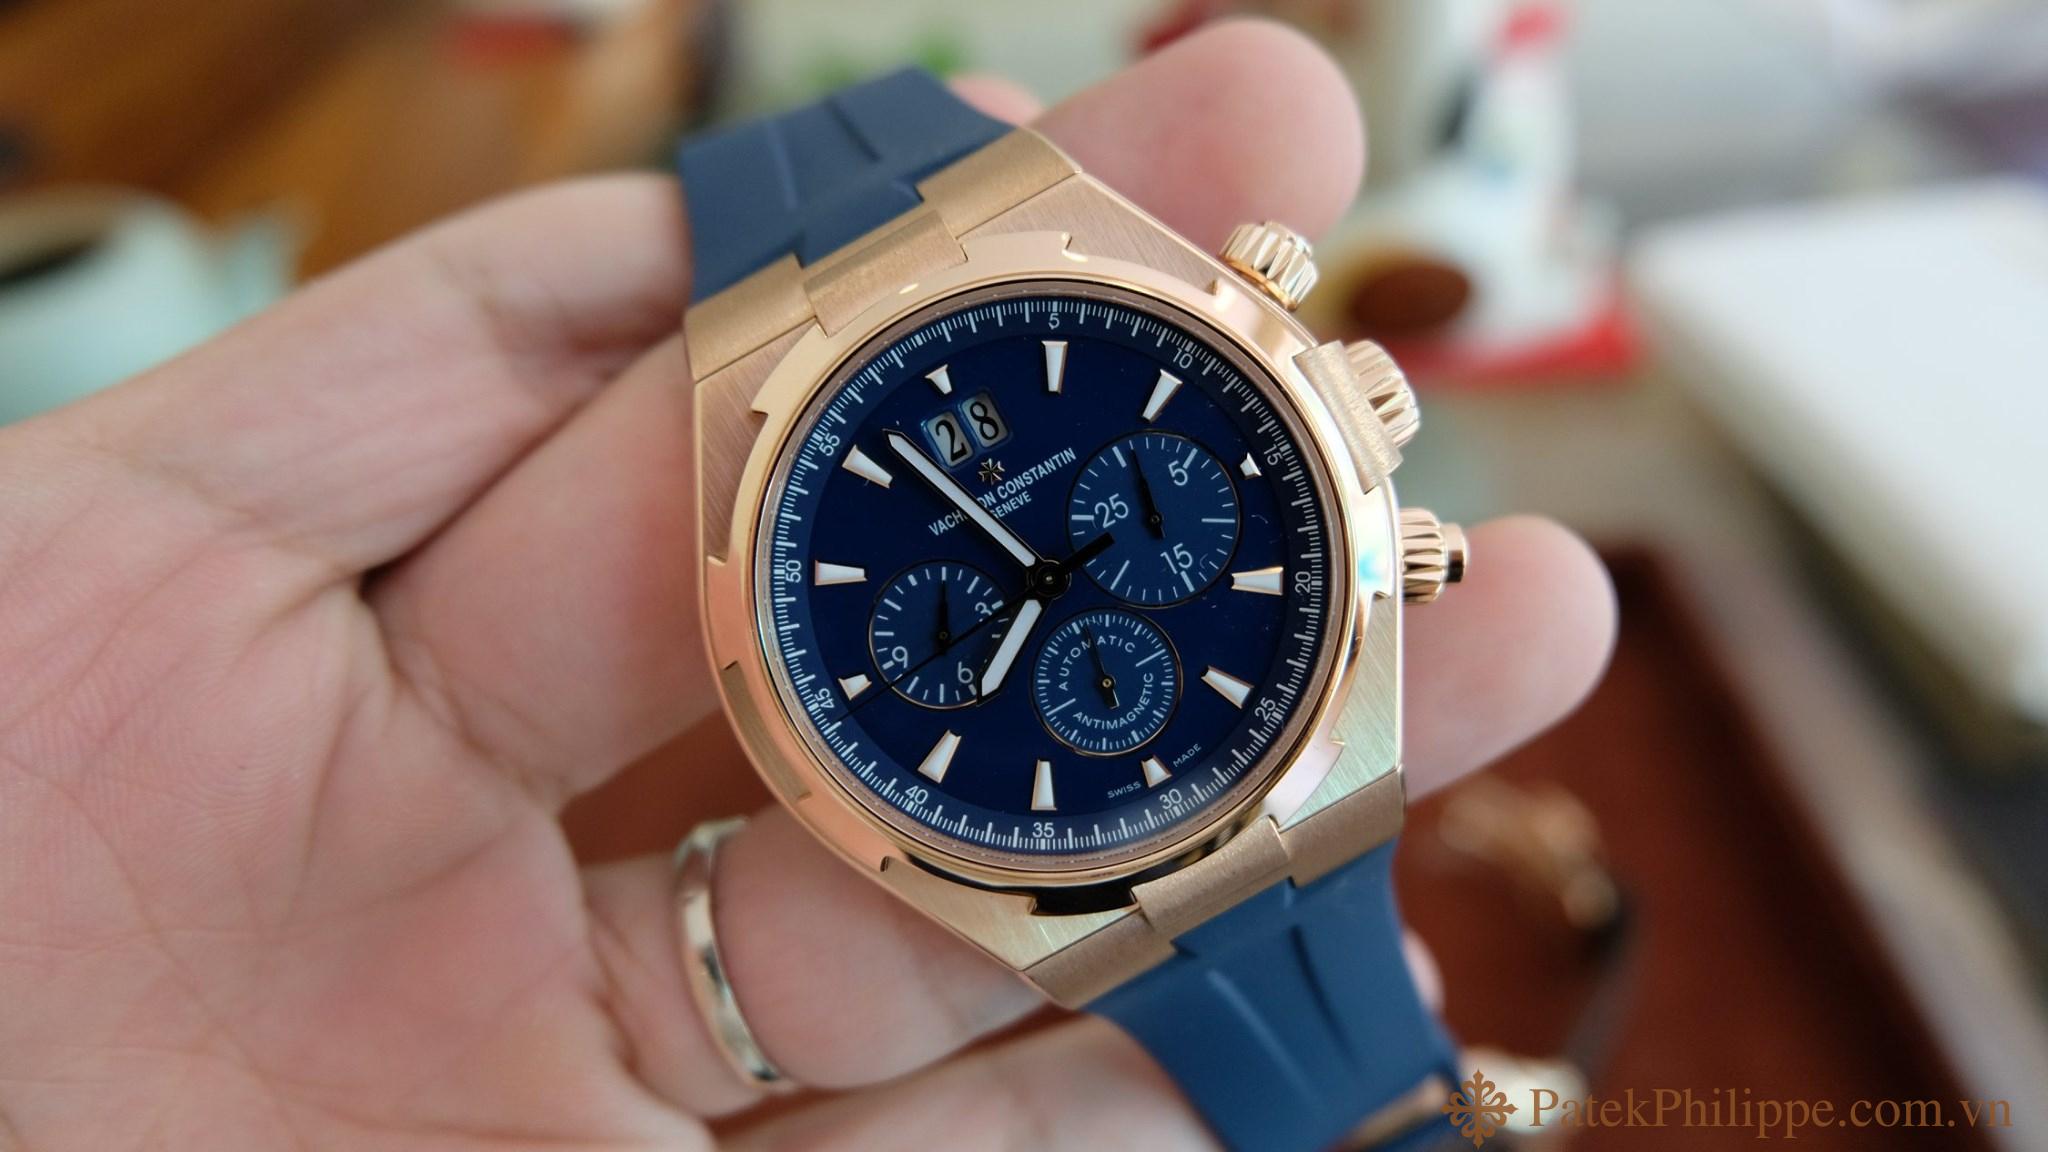 vacheron-constantin-overseas-rose-gold-chronograph 1 8953233.jpg